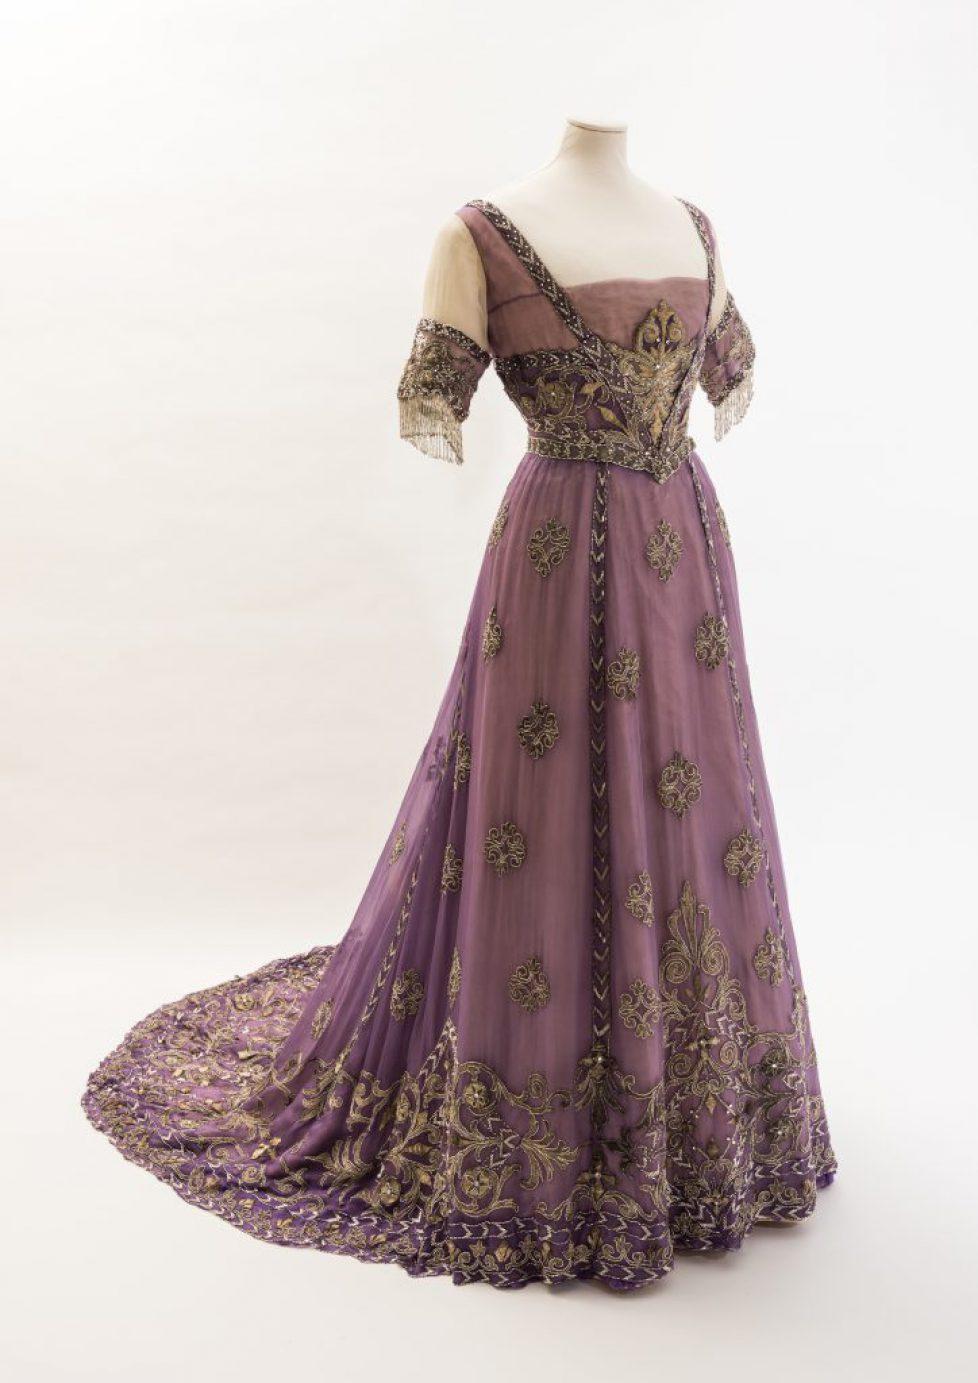 RW Queen Alexandra EXHIB 7 (2)